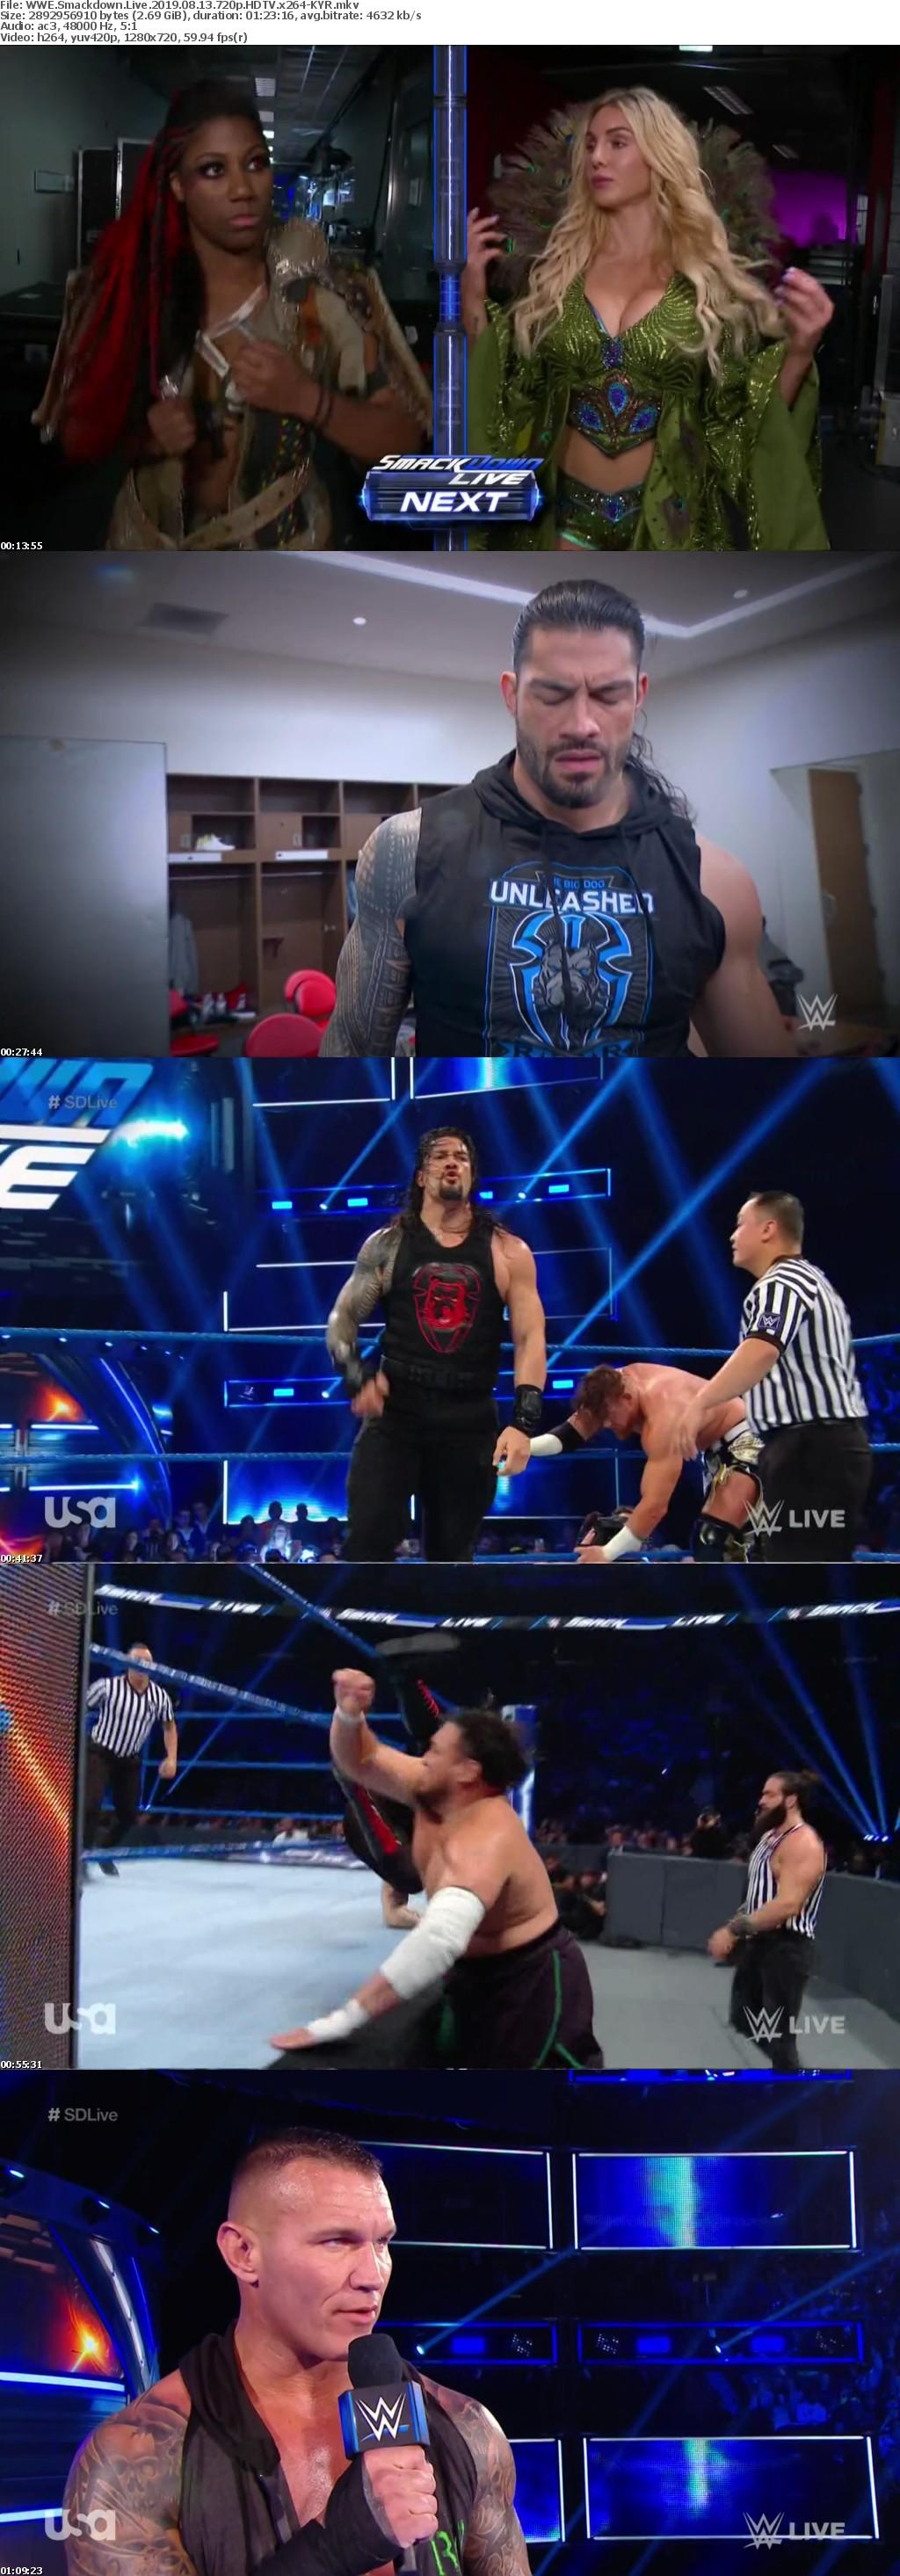 WWE Smackdown Live 2019 08 13 720p HDTV x264-KYR